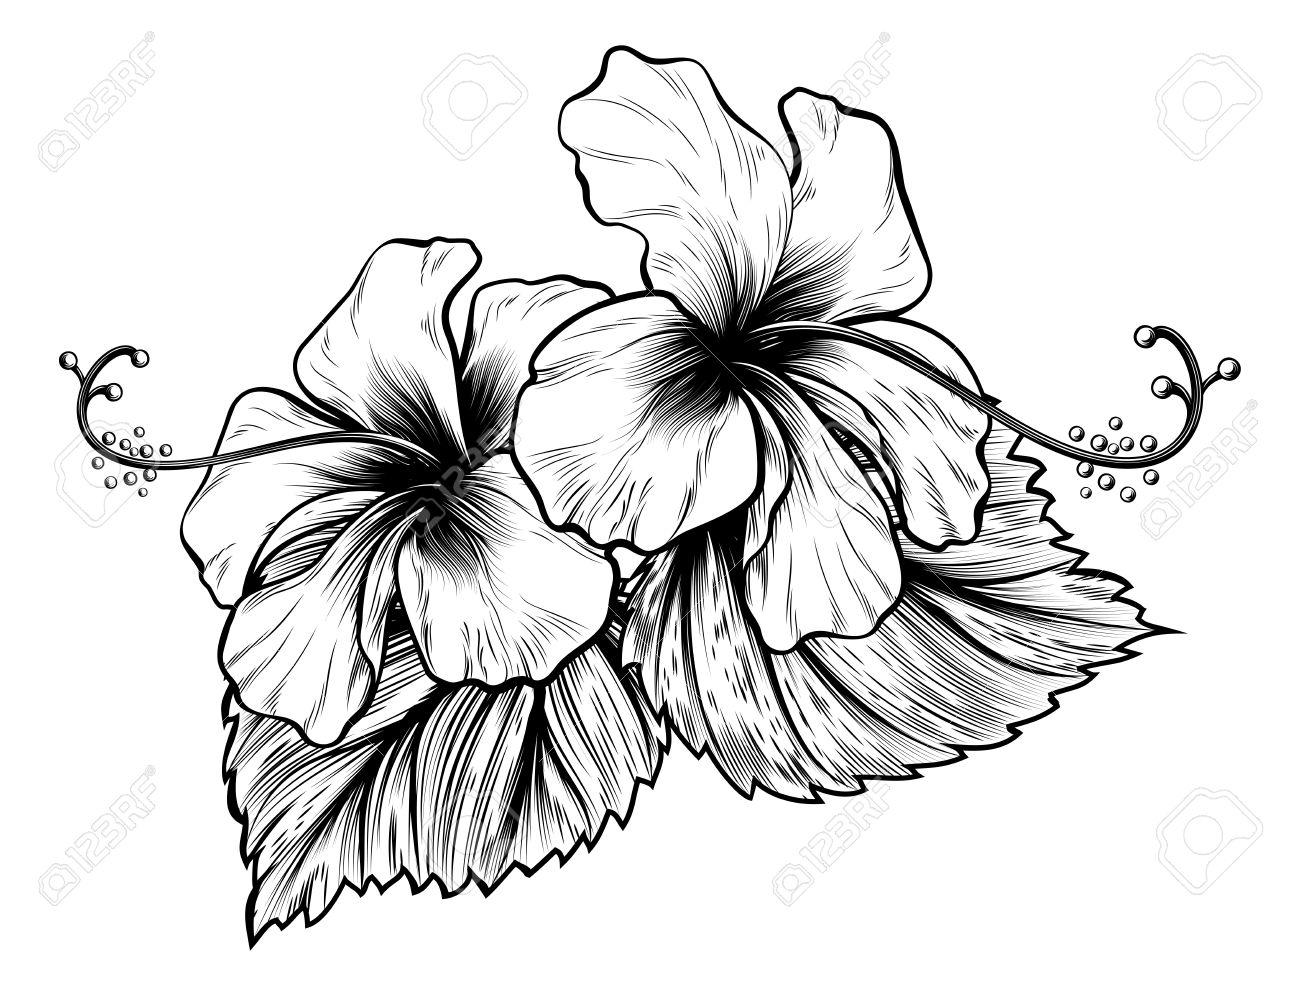 Hawaiian Hibiscus Drawing At Getdrawings